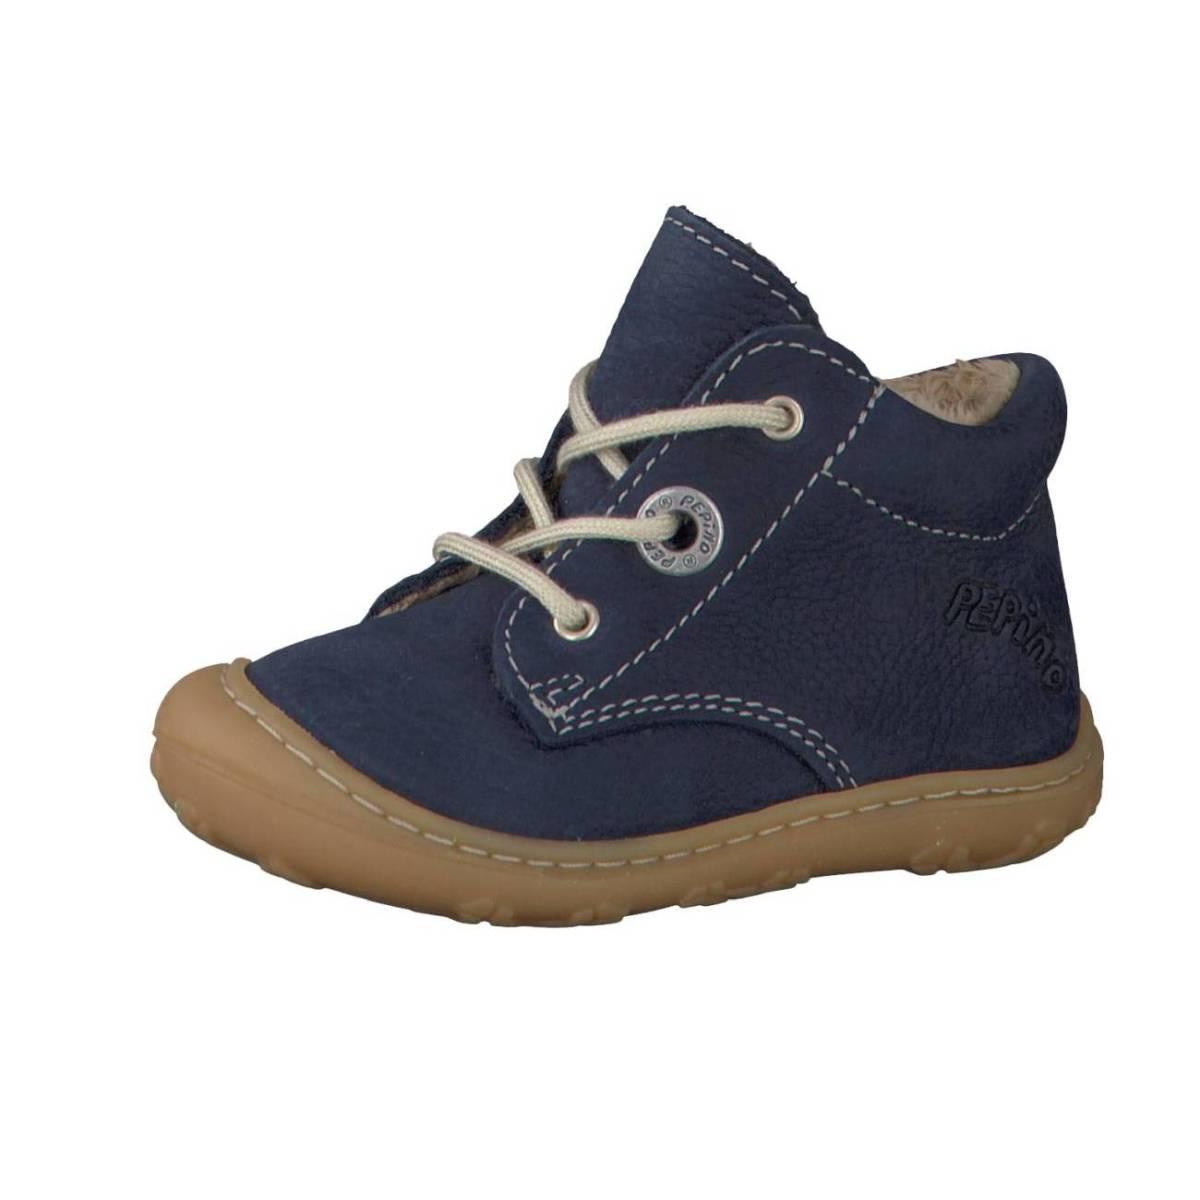 Ricosta Pepino Corany dunkelblau see Lauflernschuhe Stiefelchen Jungen Mädchen